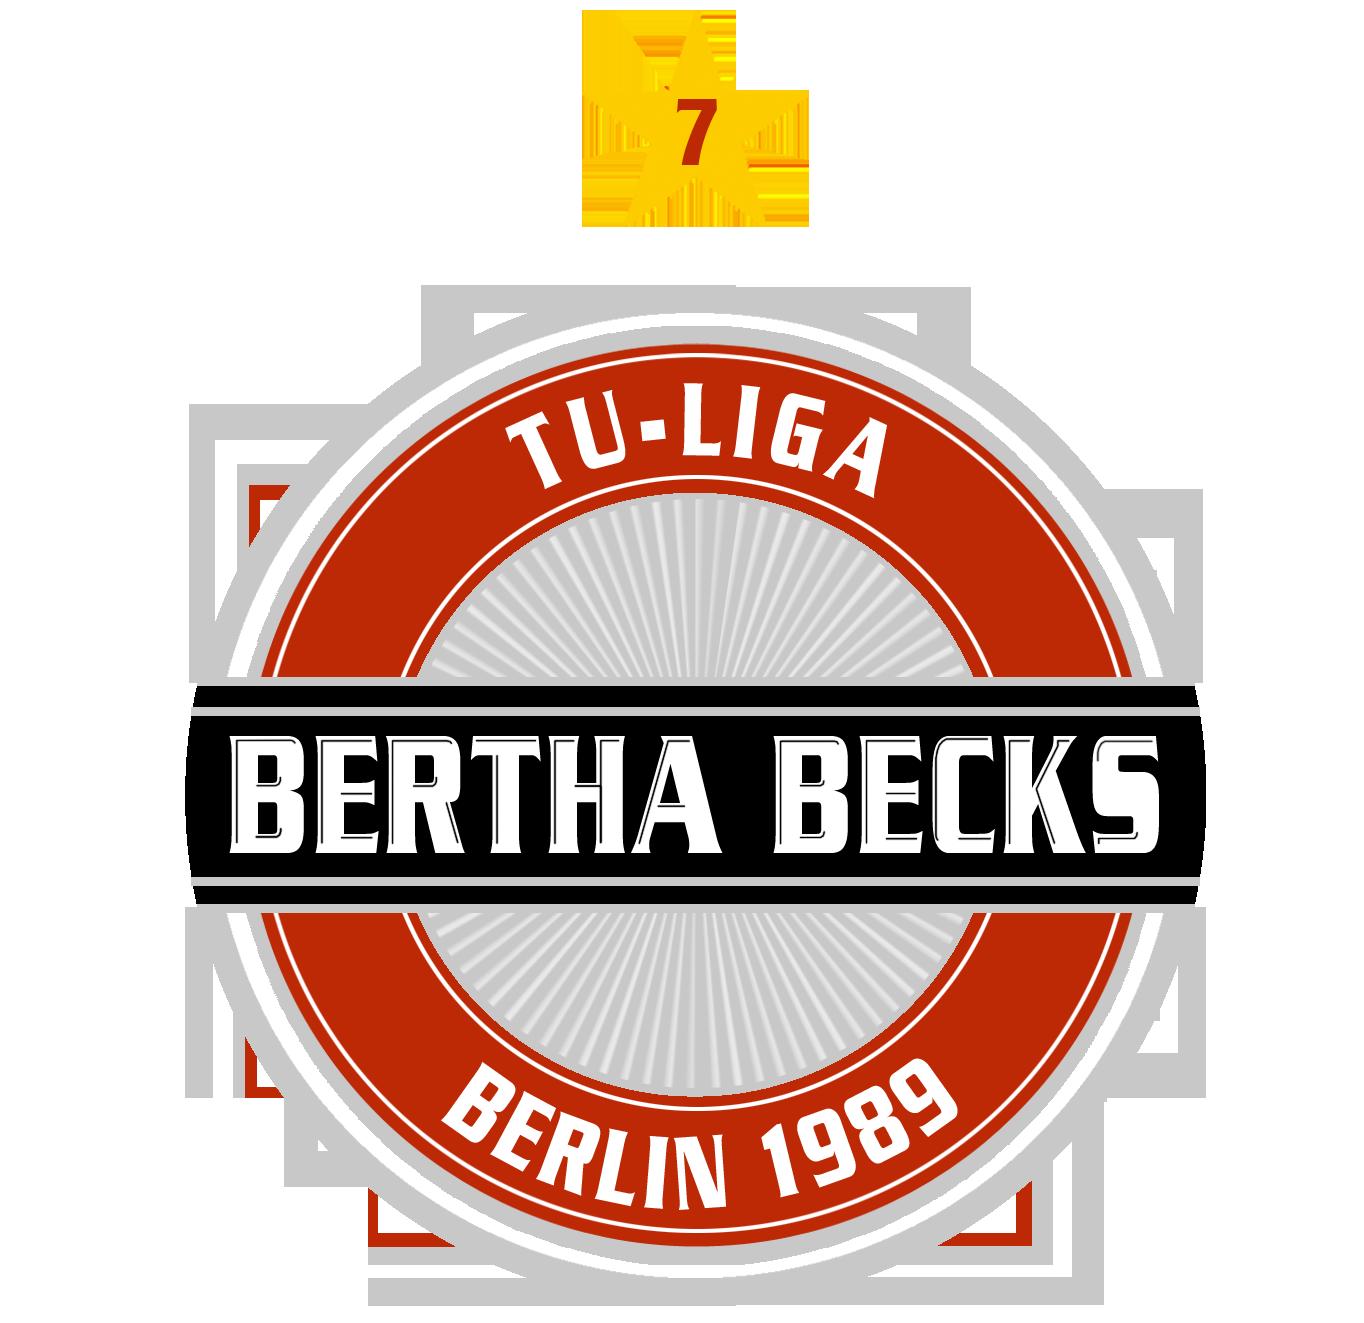 Bertha Becks - 1. Berliner Uniliga